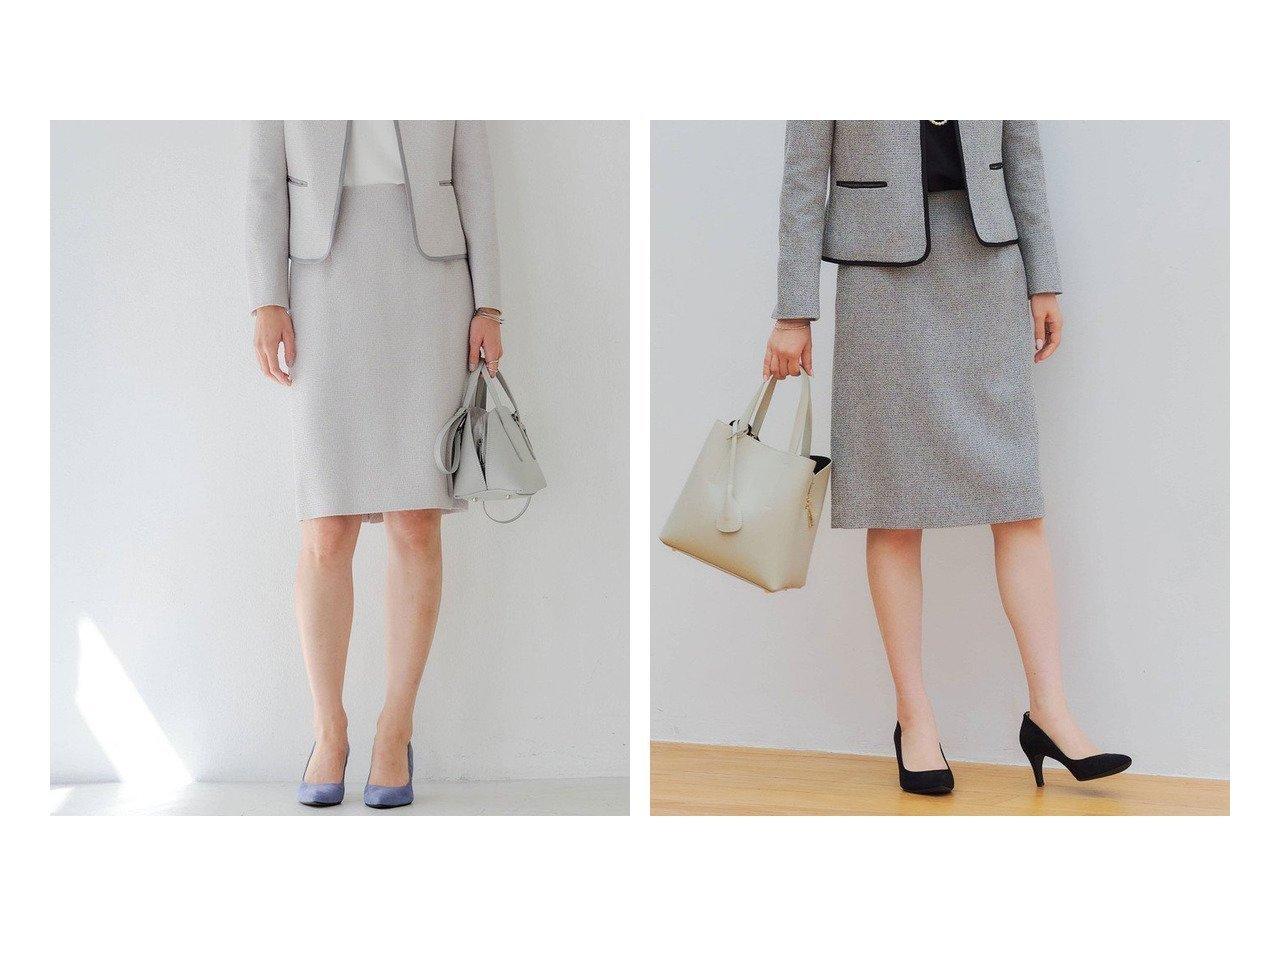 【green label relaxing / UNITED ARROWS/グリーンレーベル リラクシング / ユナイテッドアローズ】のD ツイード タイト スカート スカートのおすすめ!人気、トレンド・レディースファッションの通販 おすすめで人気の流行・トレンド、ファッションの通販商品 メンズファッション・キッズファッション・インテリア・家具・レディースファッション・服の通販 founy(ファニー) https://founy.com/ ファッション Fashion レディースファッション WOMEN スカート Skirt シンプル ジャケット セットアップ タイトスカート ツイード 春 Spring |ID:crp329100000024487